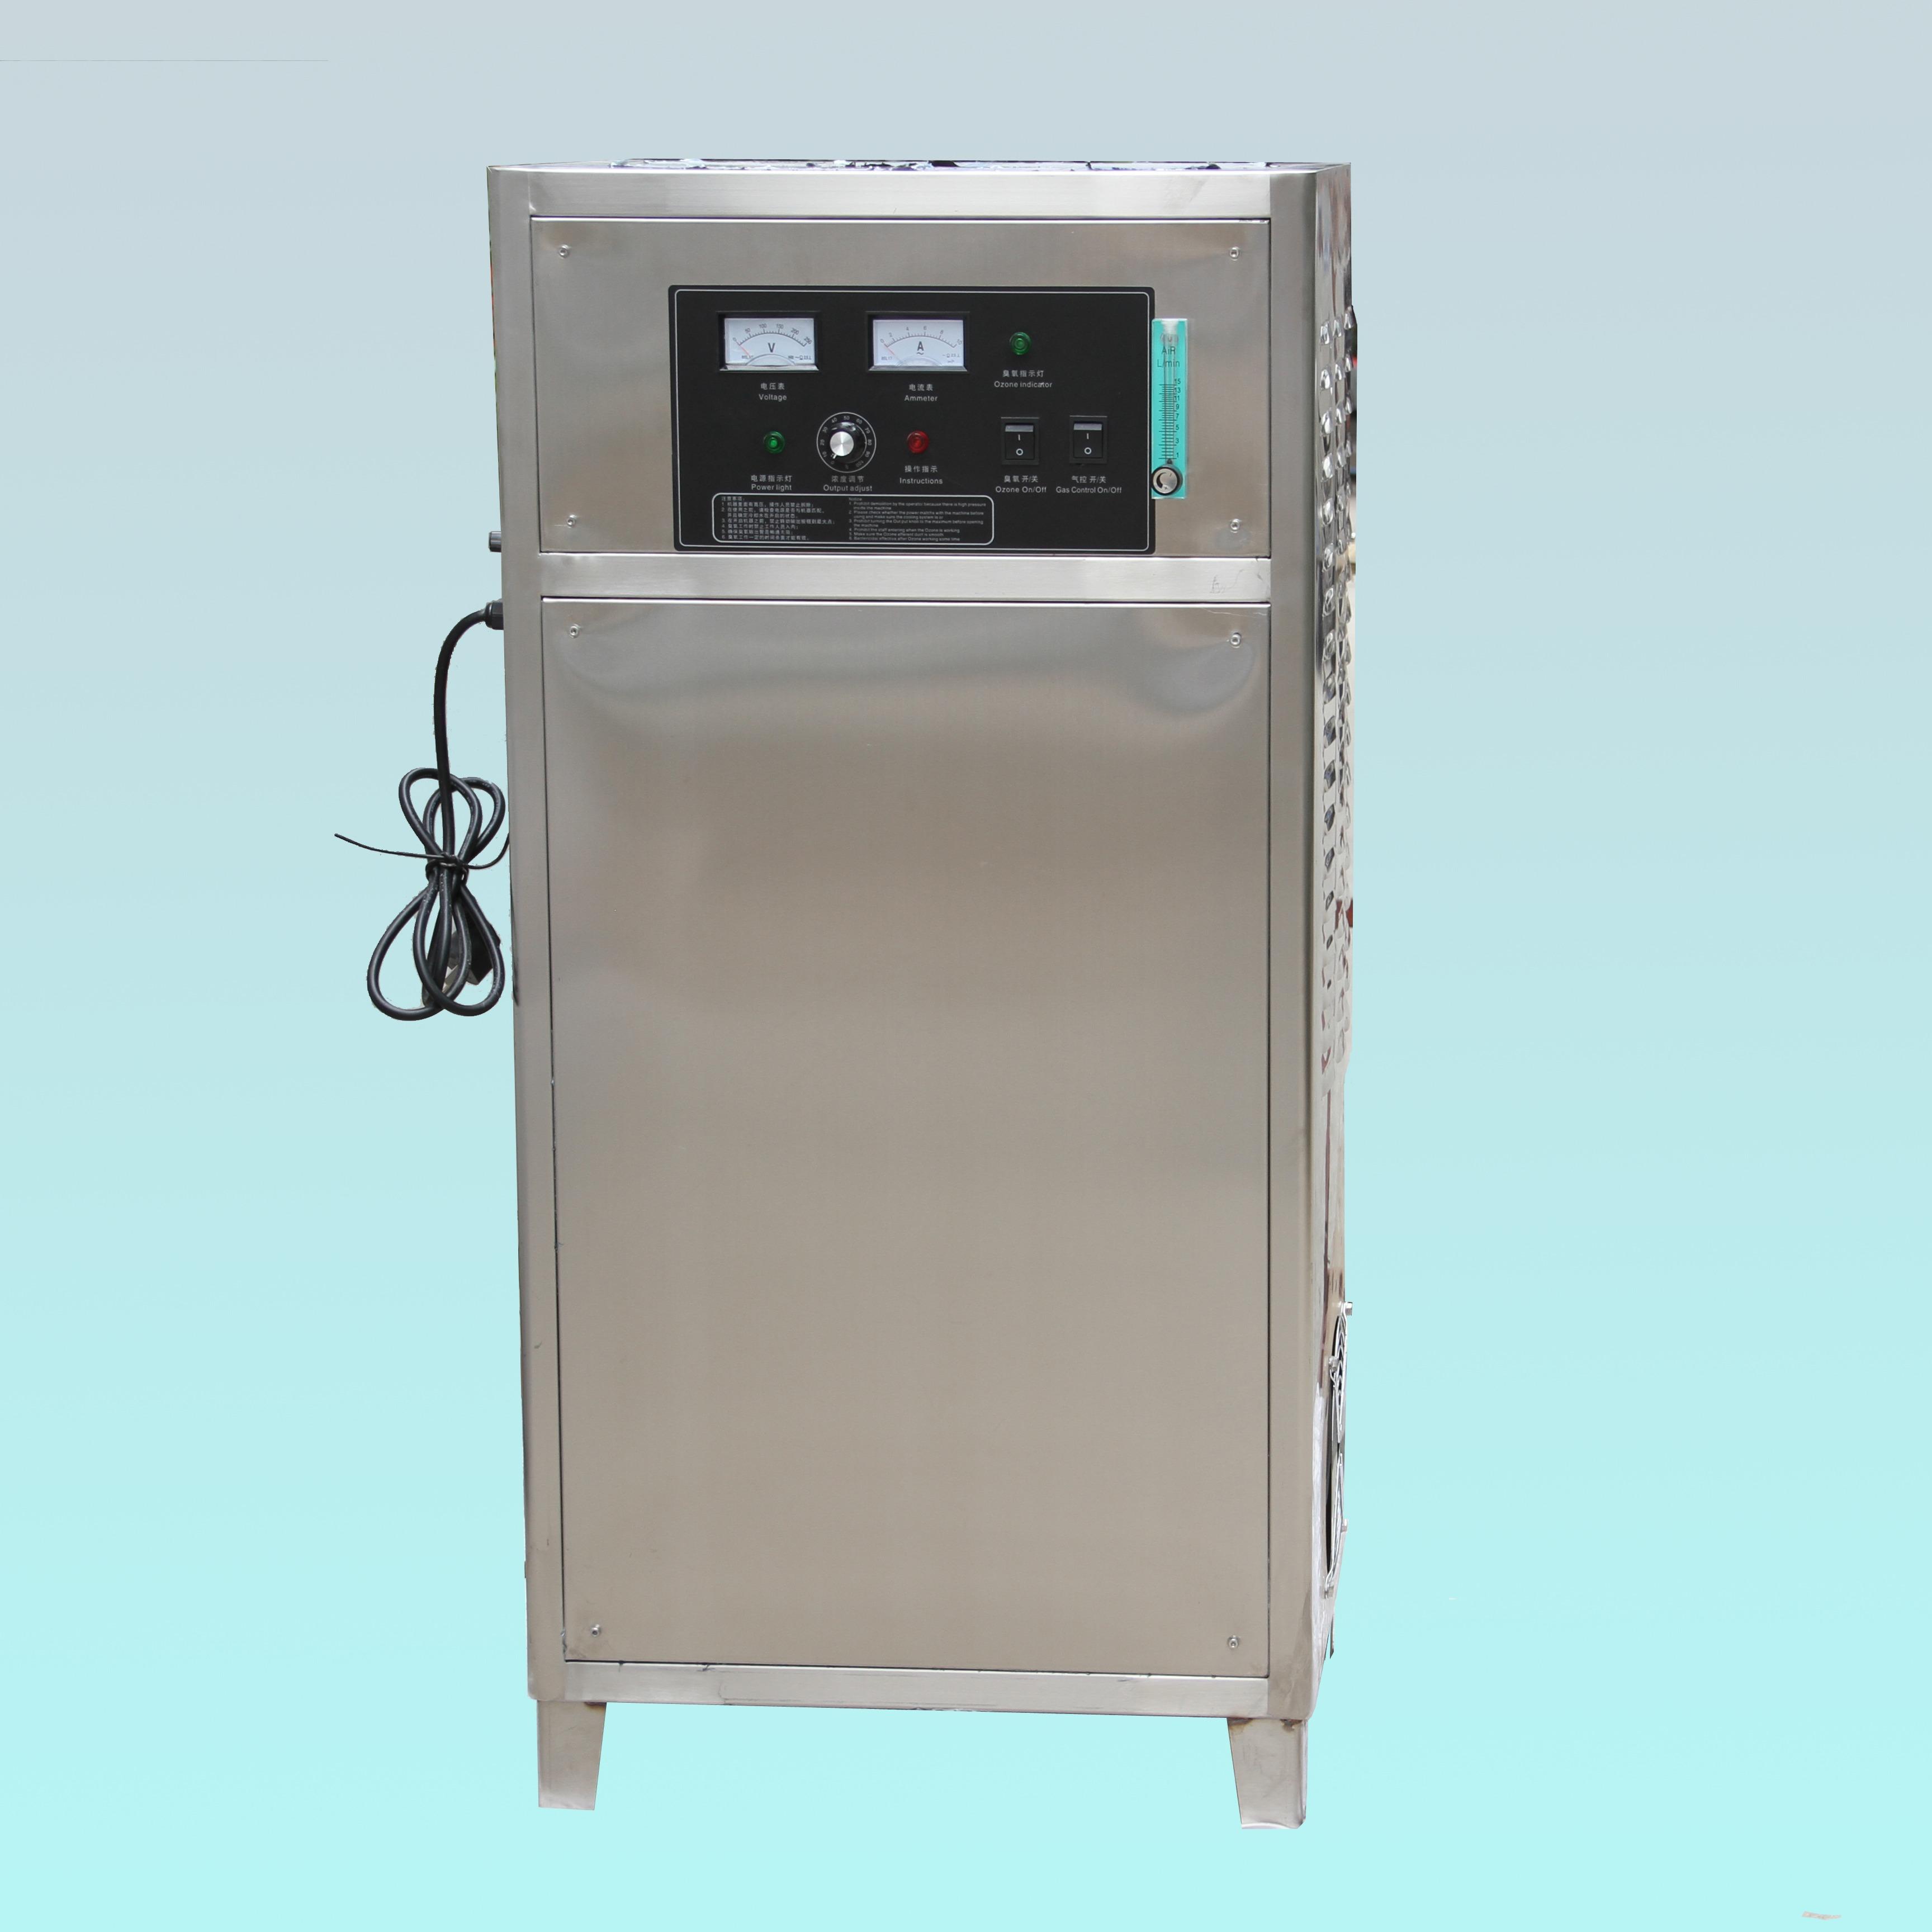 煤炭检测检验仪器设备